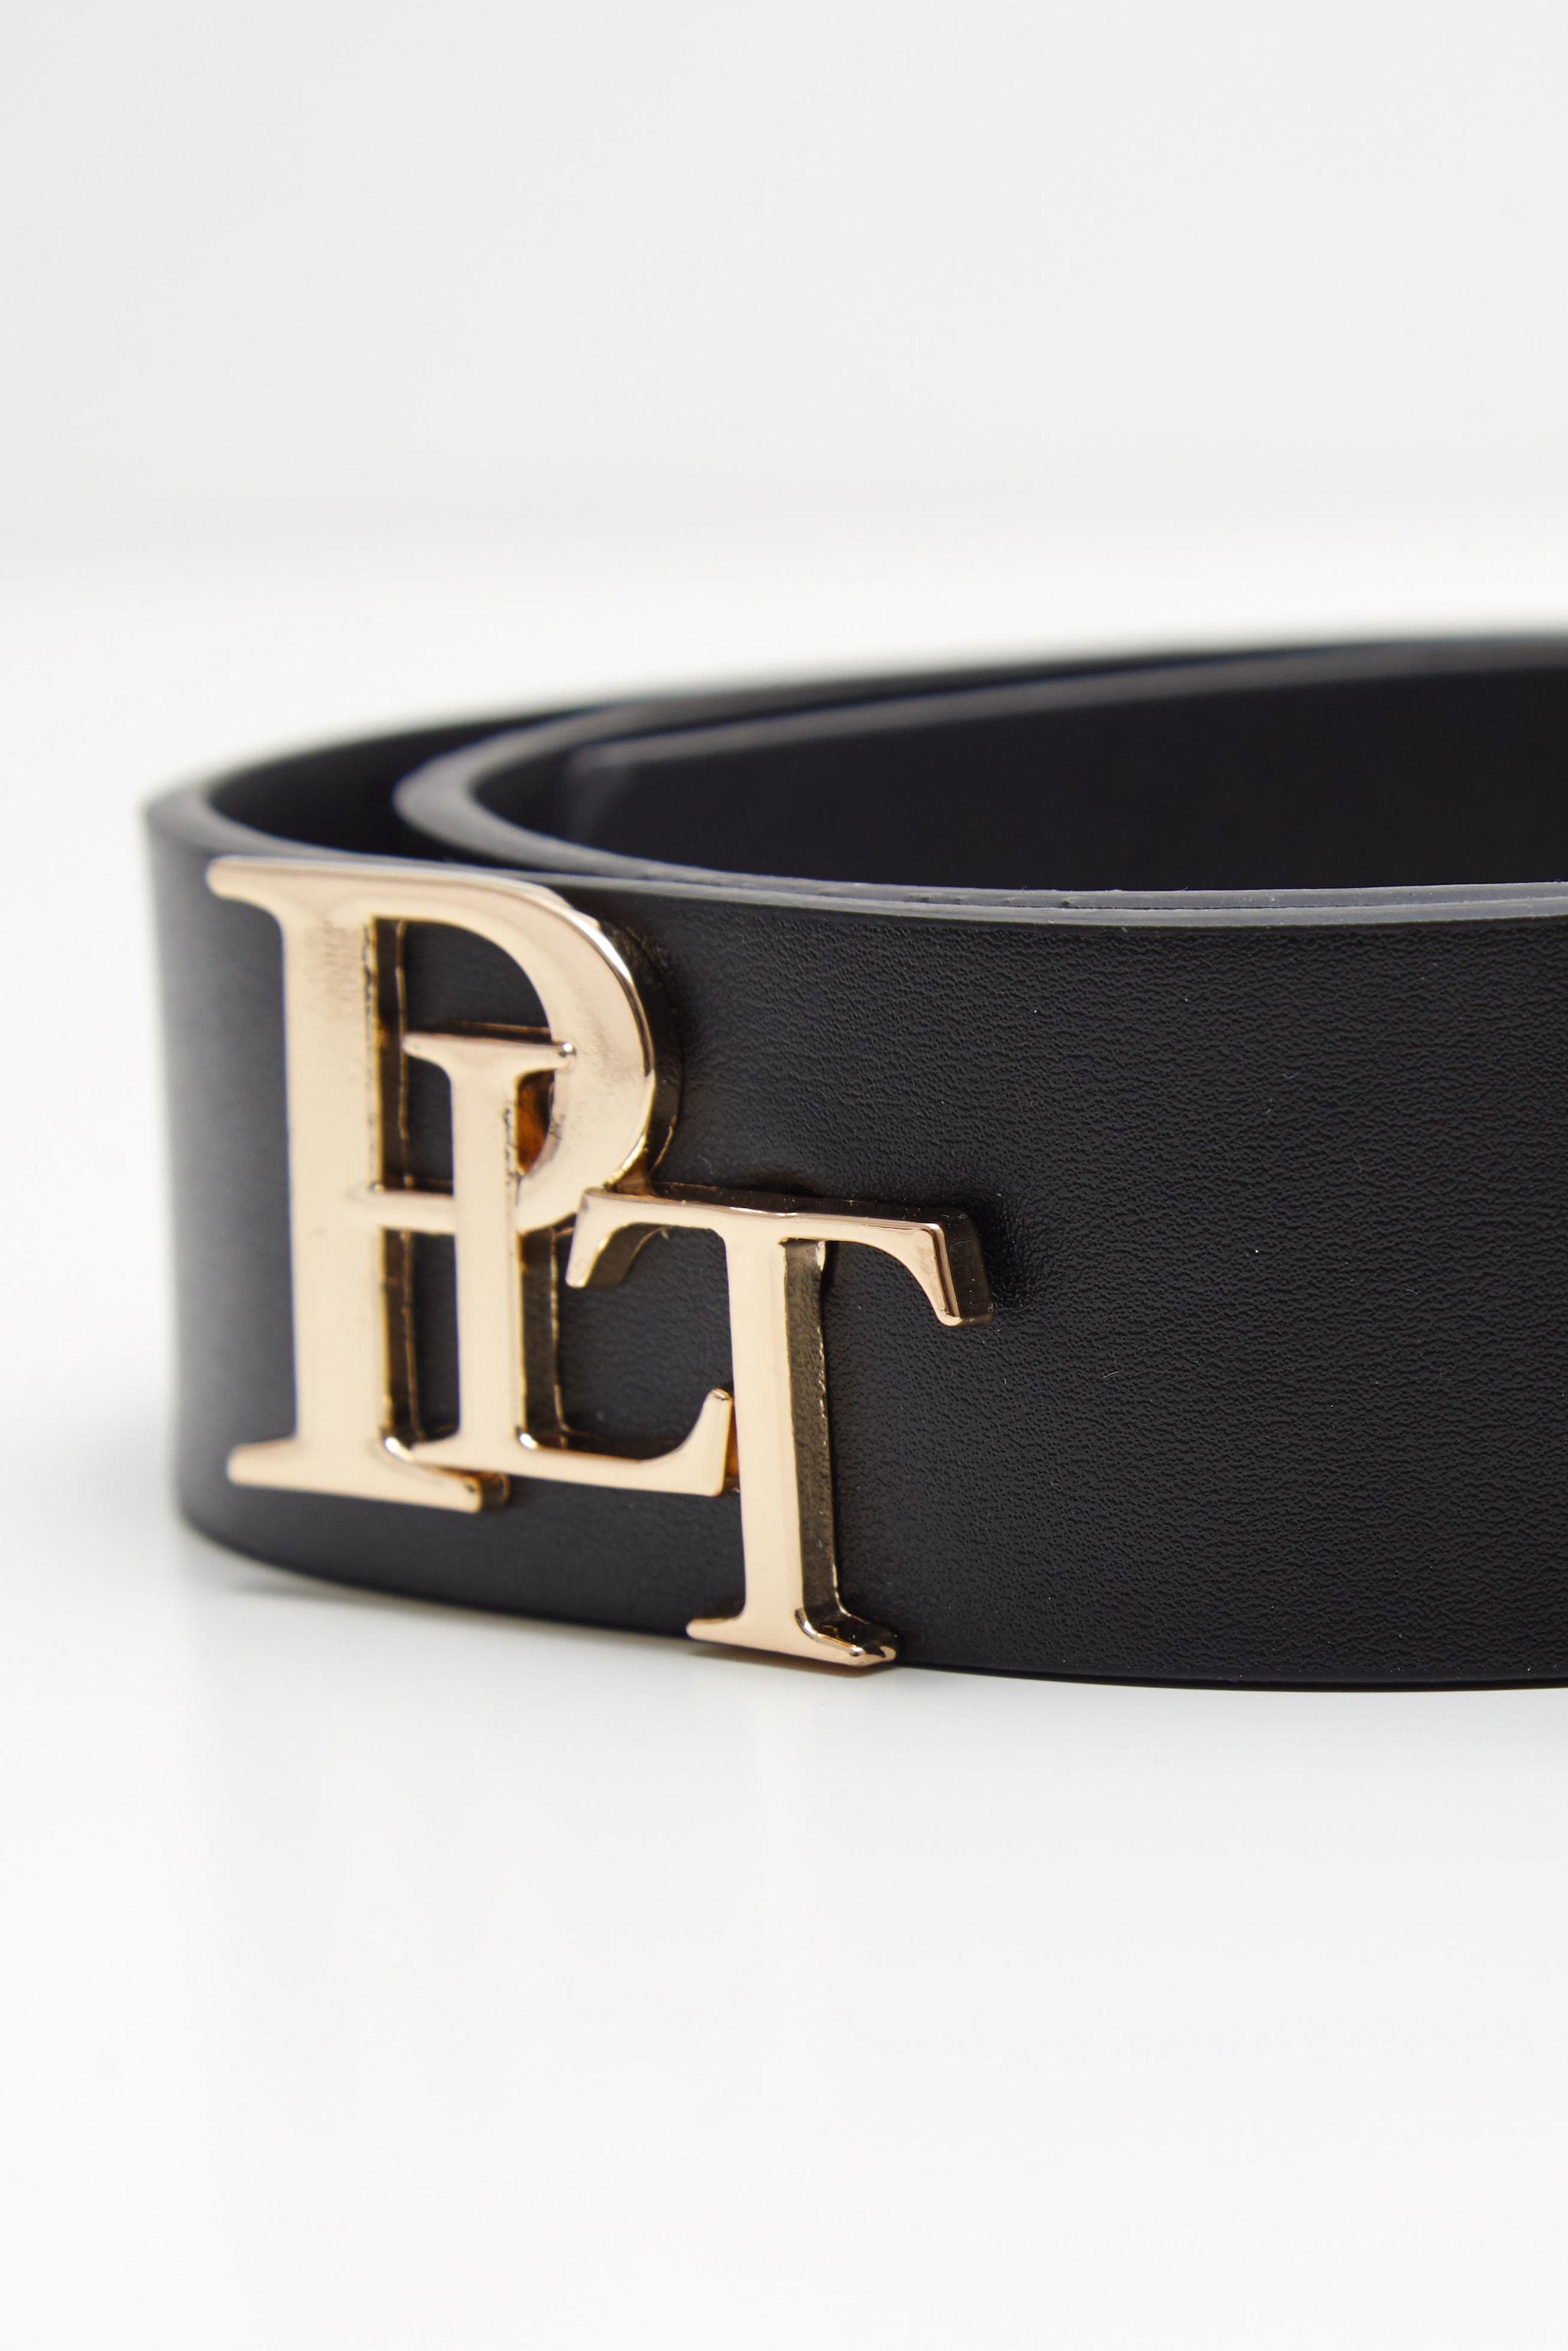 PRETTYLITTLETHING Logo Black Back Branded Buckle Belt 5